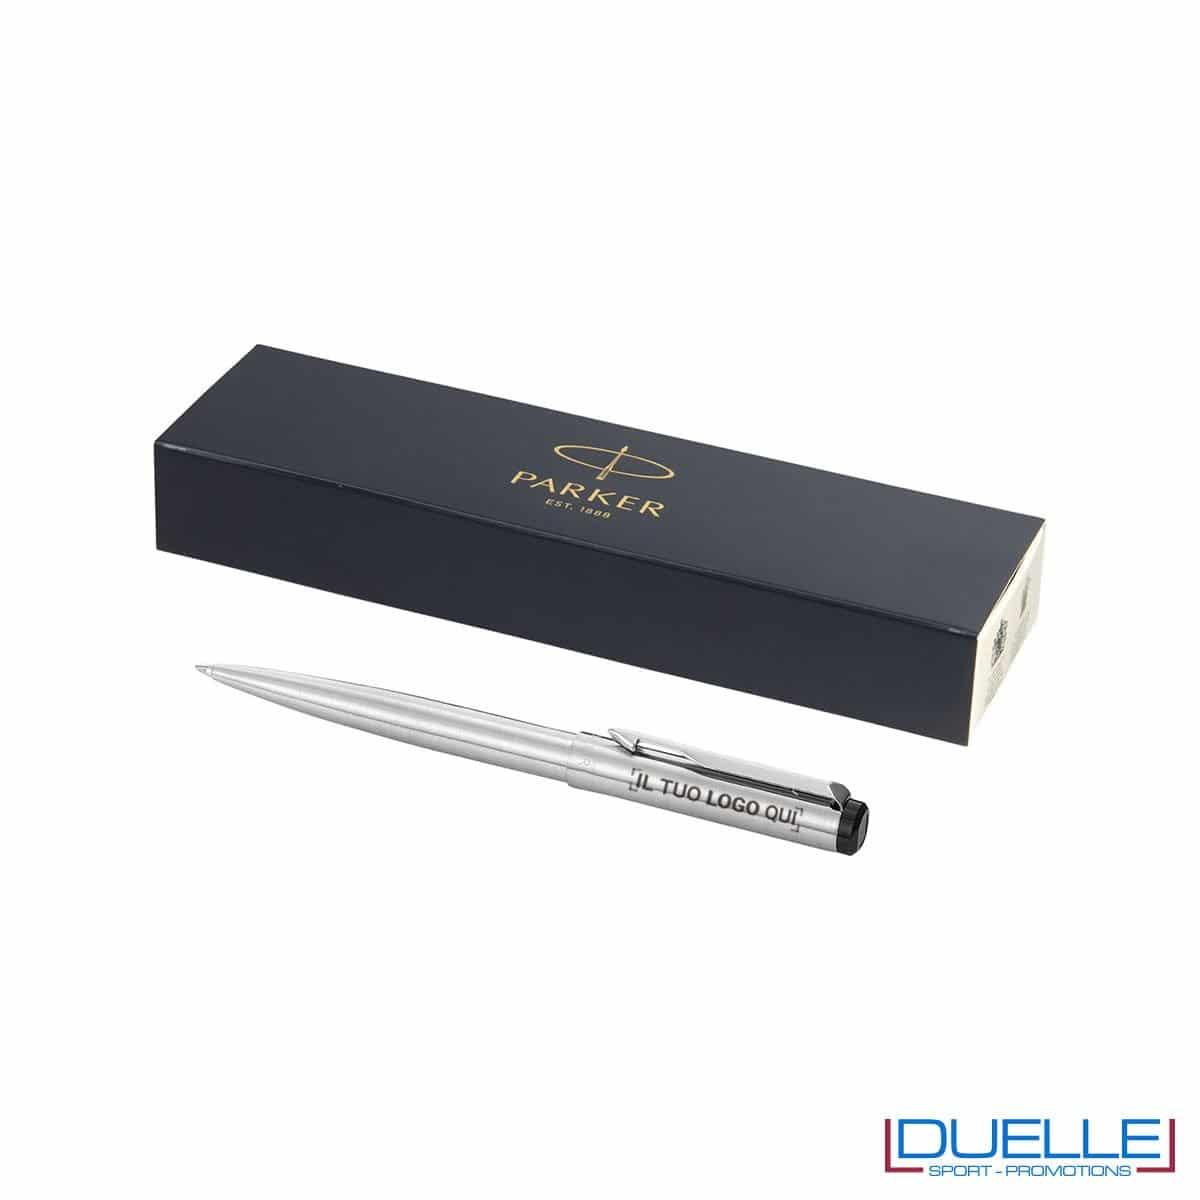 penna parker personalizzata modello Vector a sfera in acciaio, penne parker promozionali personalizzate